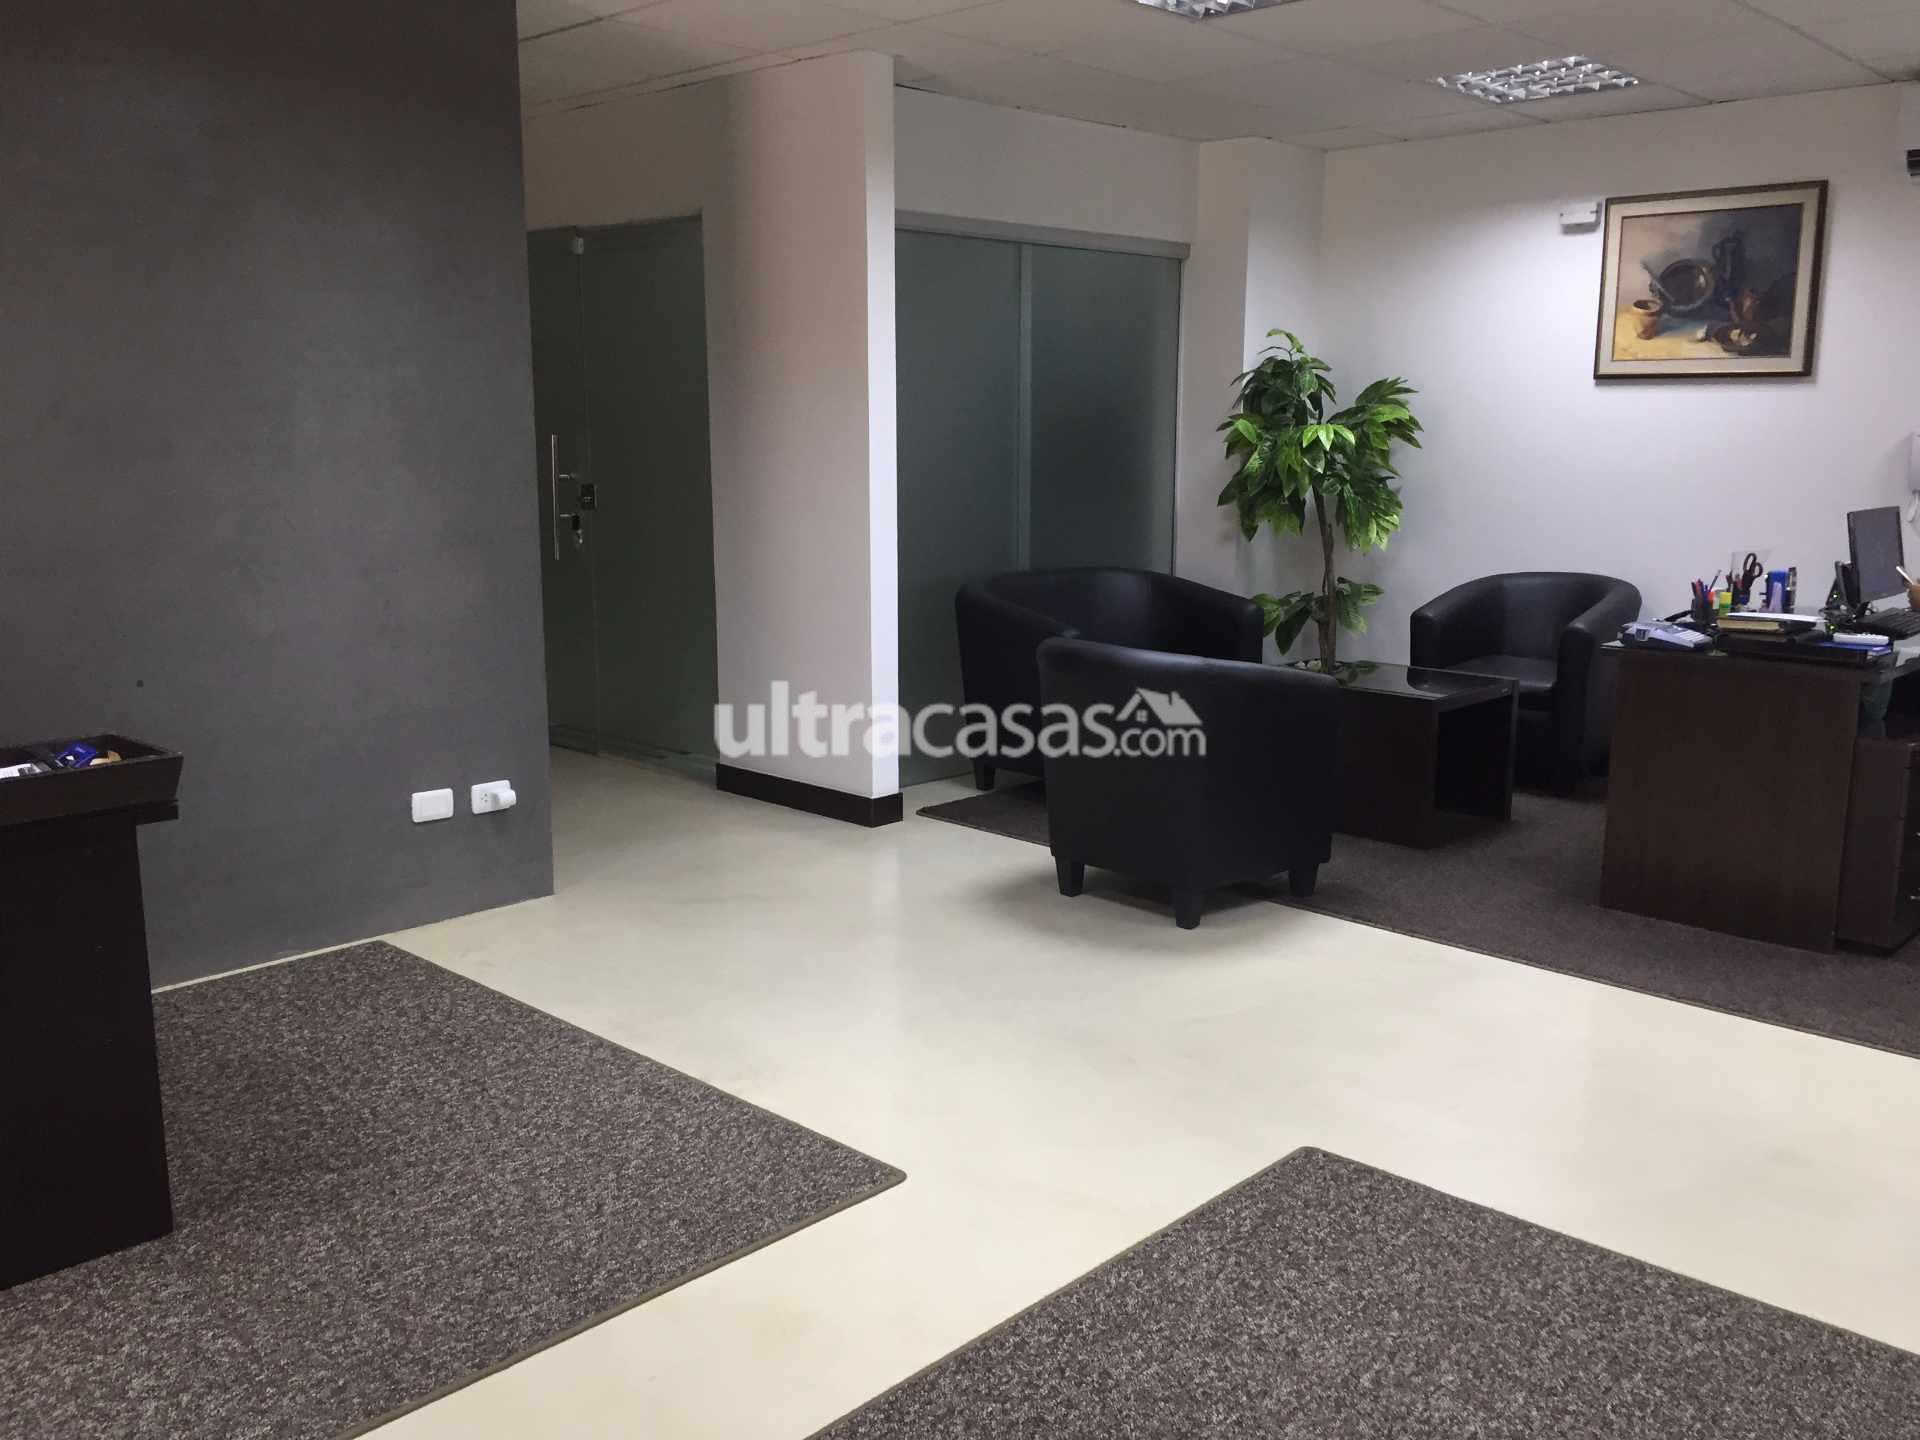 Oficina en Venta EQUIPETROL NORTE 3er ANILLO EXTERNO C/DR. JAIME ROMAN Foto 21